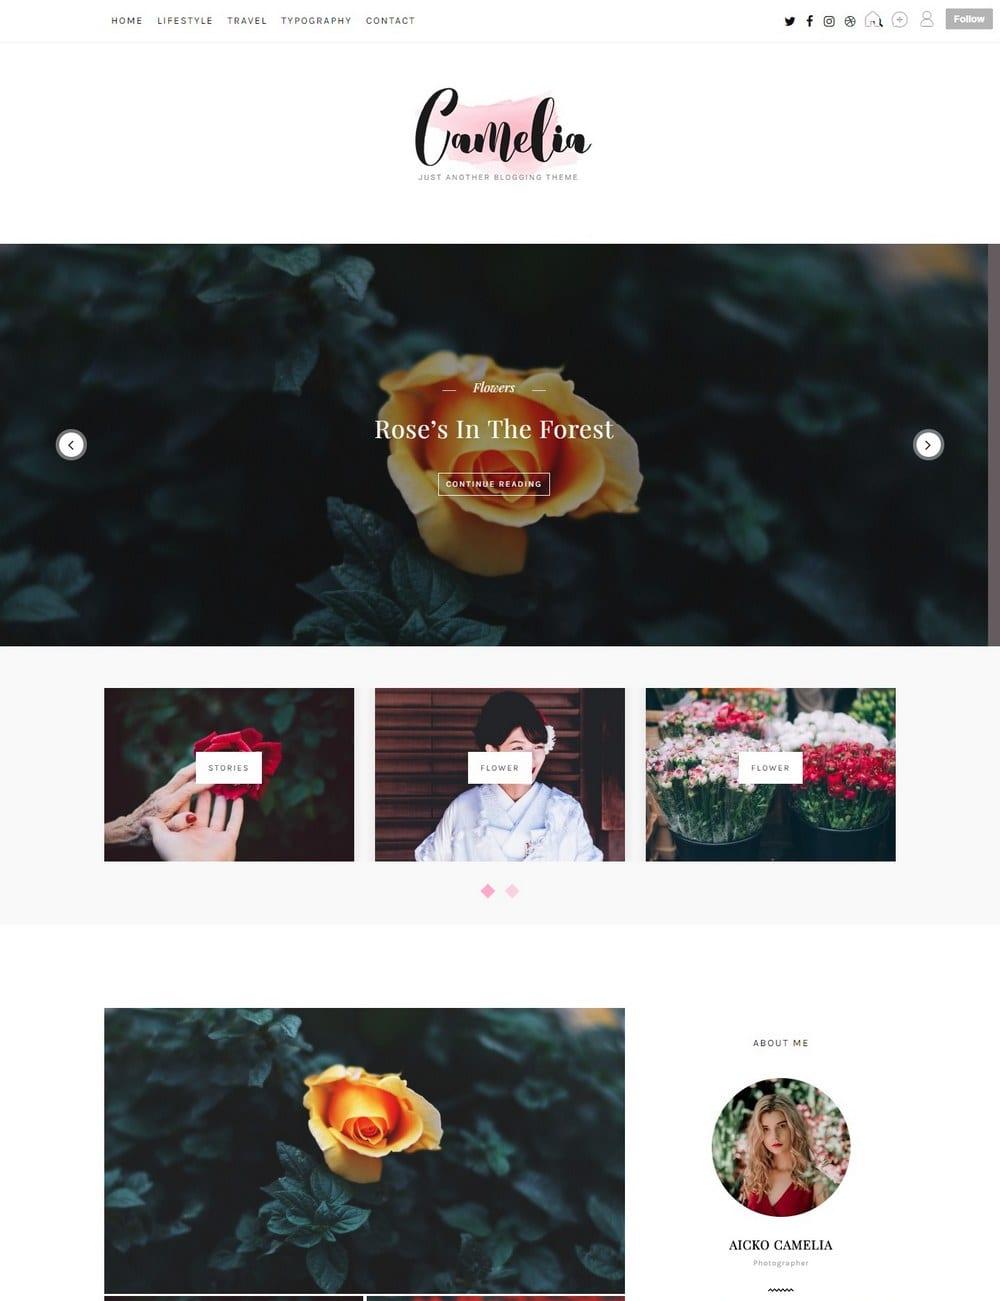 camelia-pastel-tumblr-theme